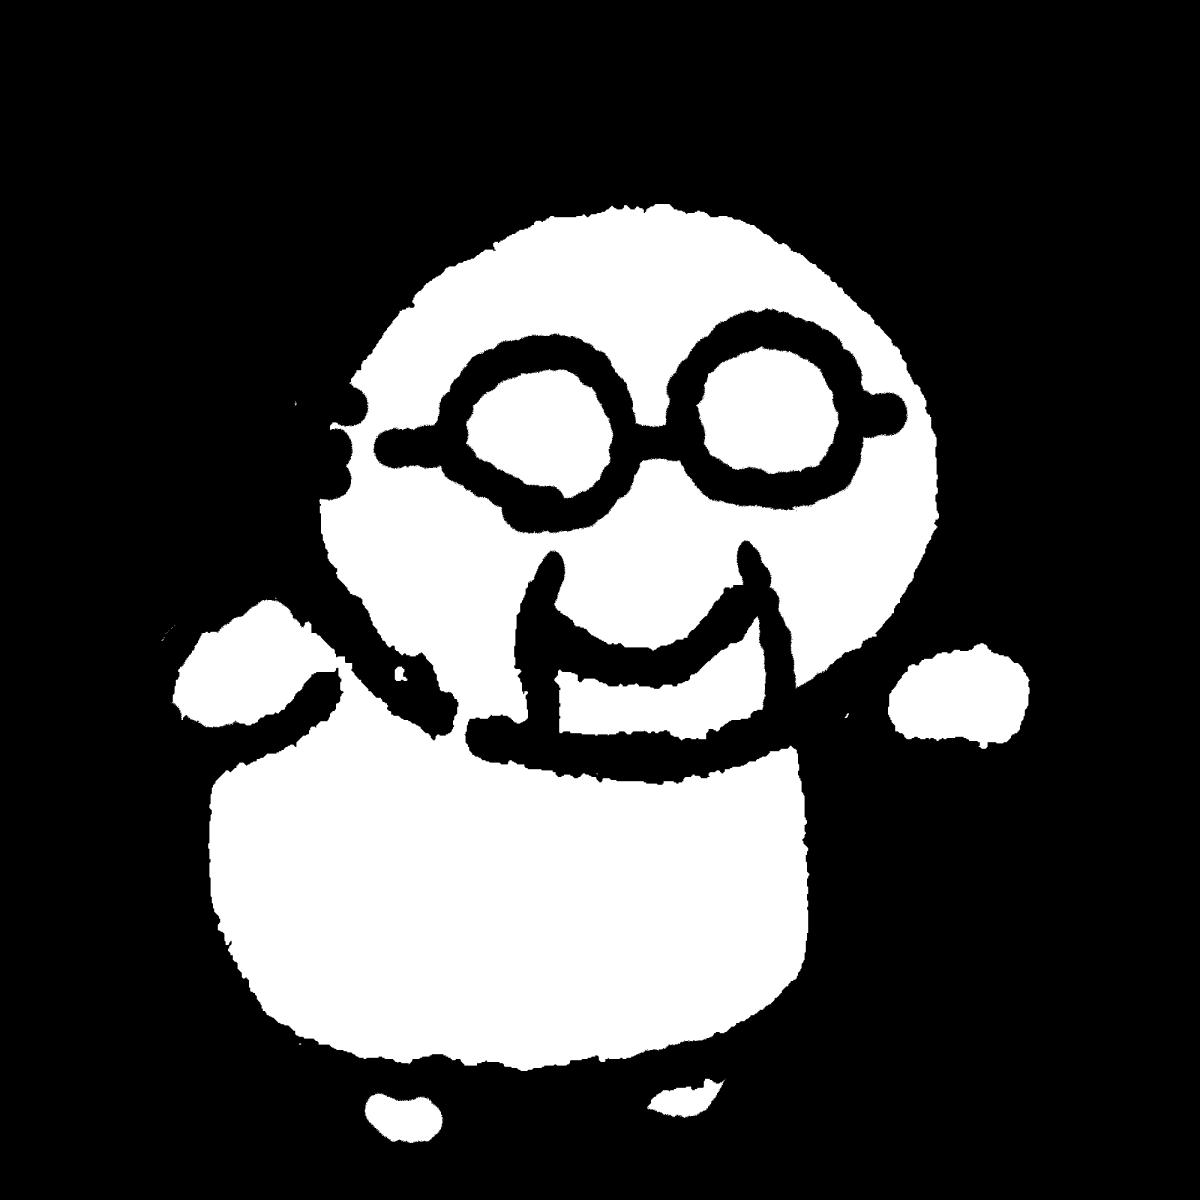 杖のおじいさんのイラスト Old man with a cane  Illustration